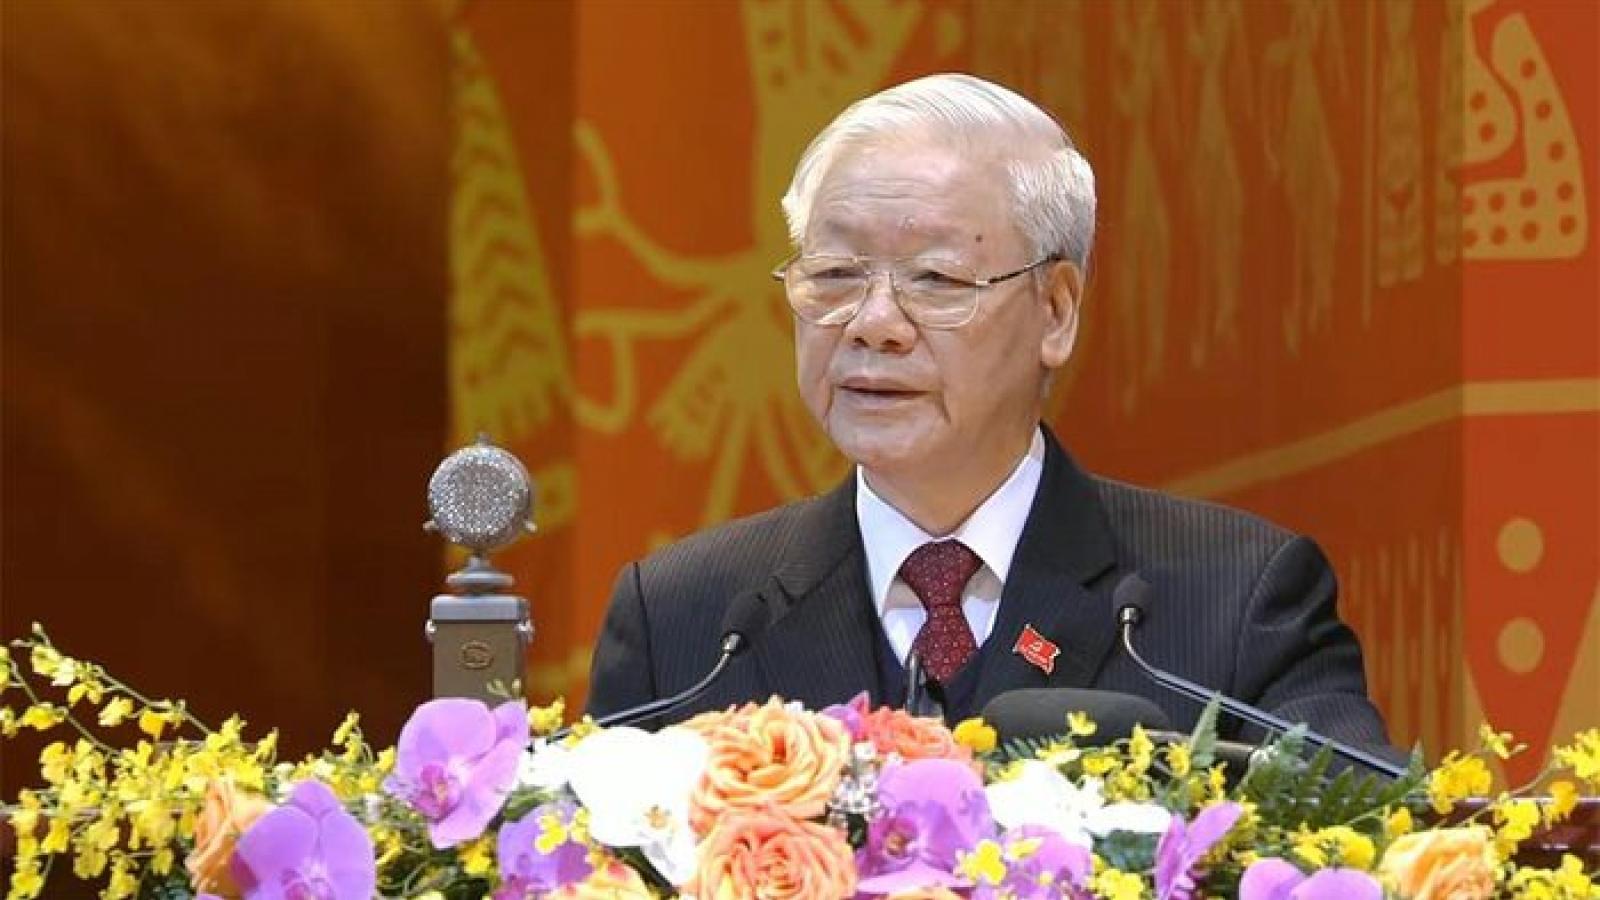 Lãnh đạo và bạn bè quốc tế tiếp tục chúc mừng Tổng Bí thư Nguyễn Phú Trọng